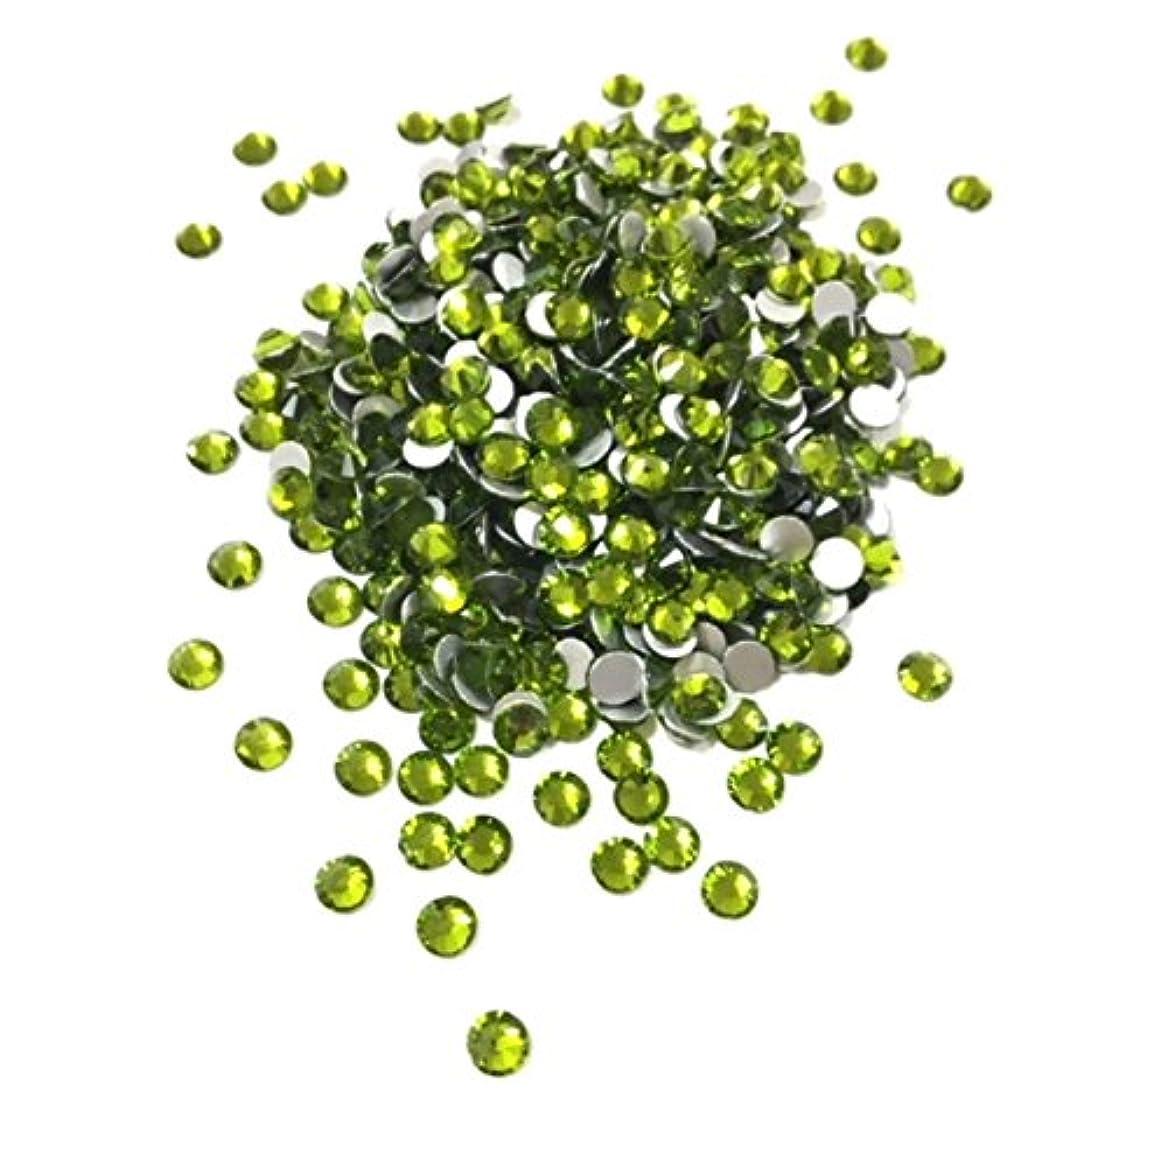 【ネイルウーマン】最高品質ガラスストーン!スワロ同等の輝き! オリーブ 緑 グリーン (約100粒入り) (SS12, オリーブ)